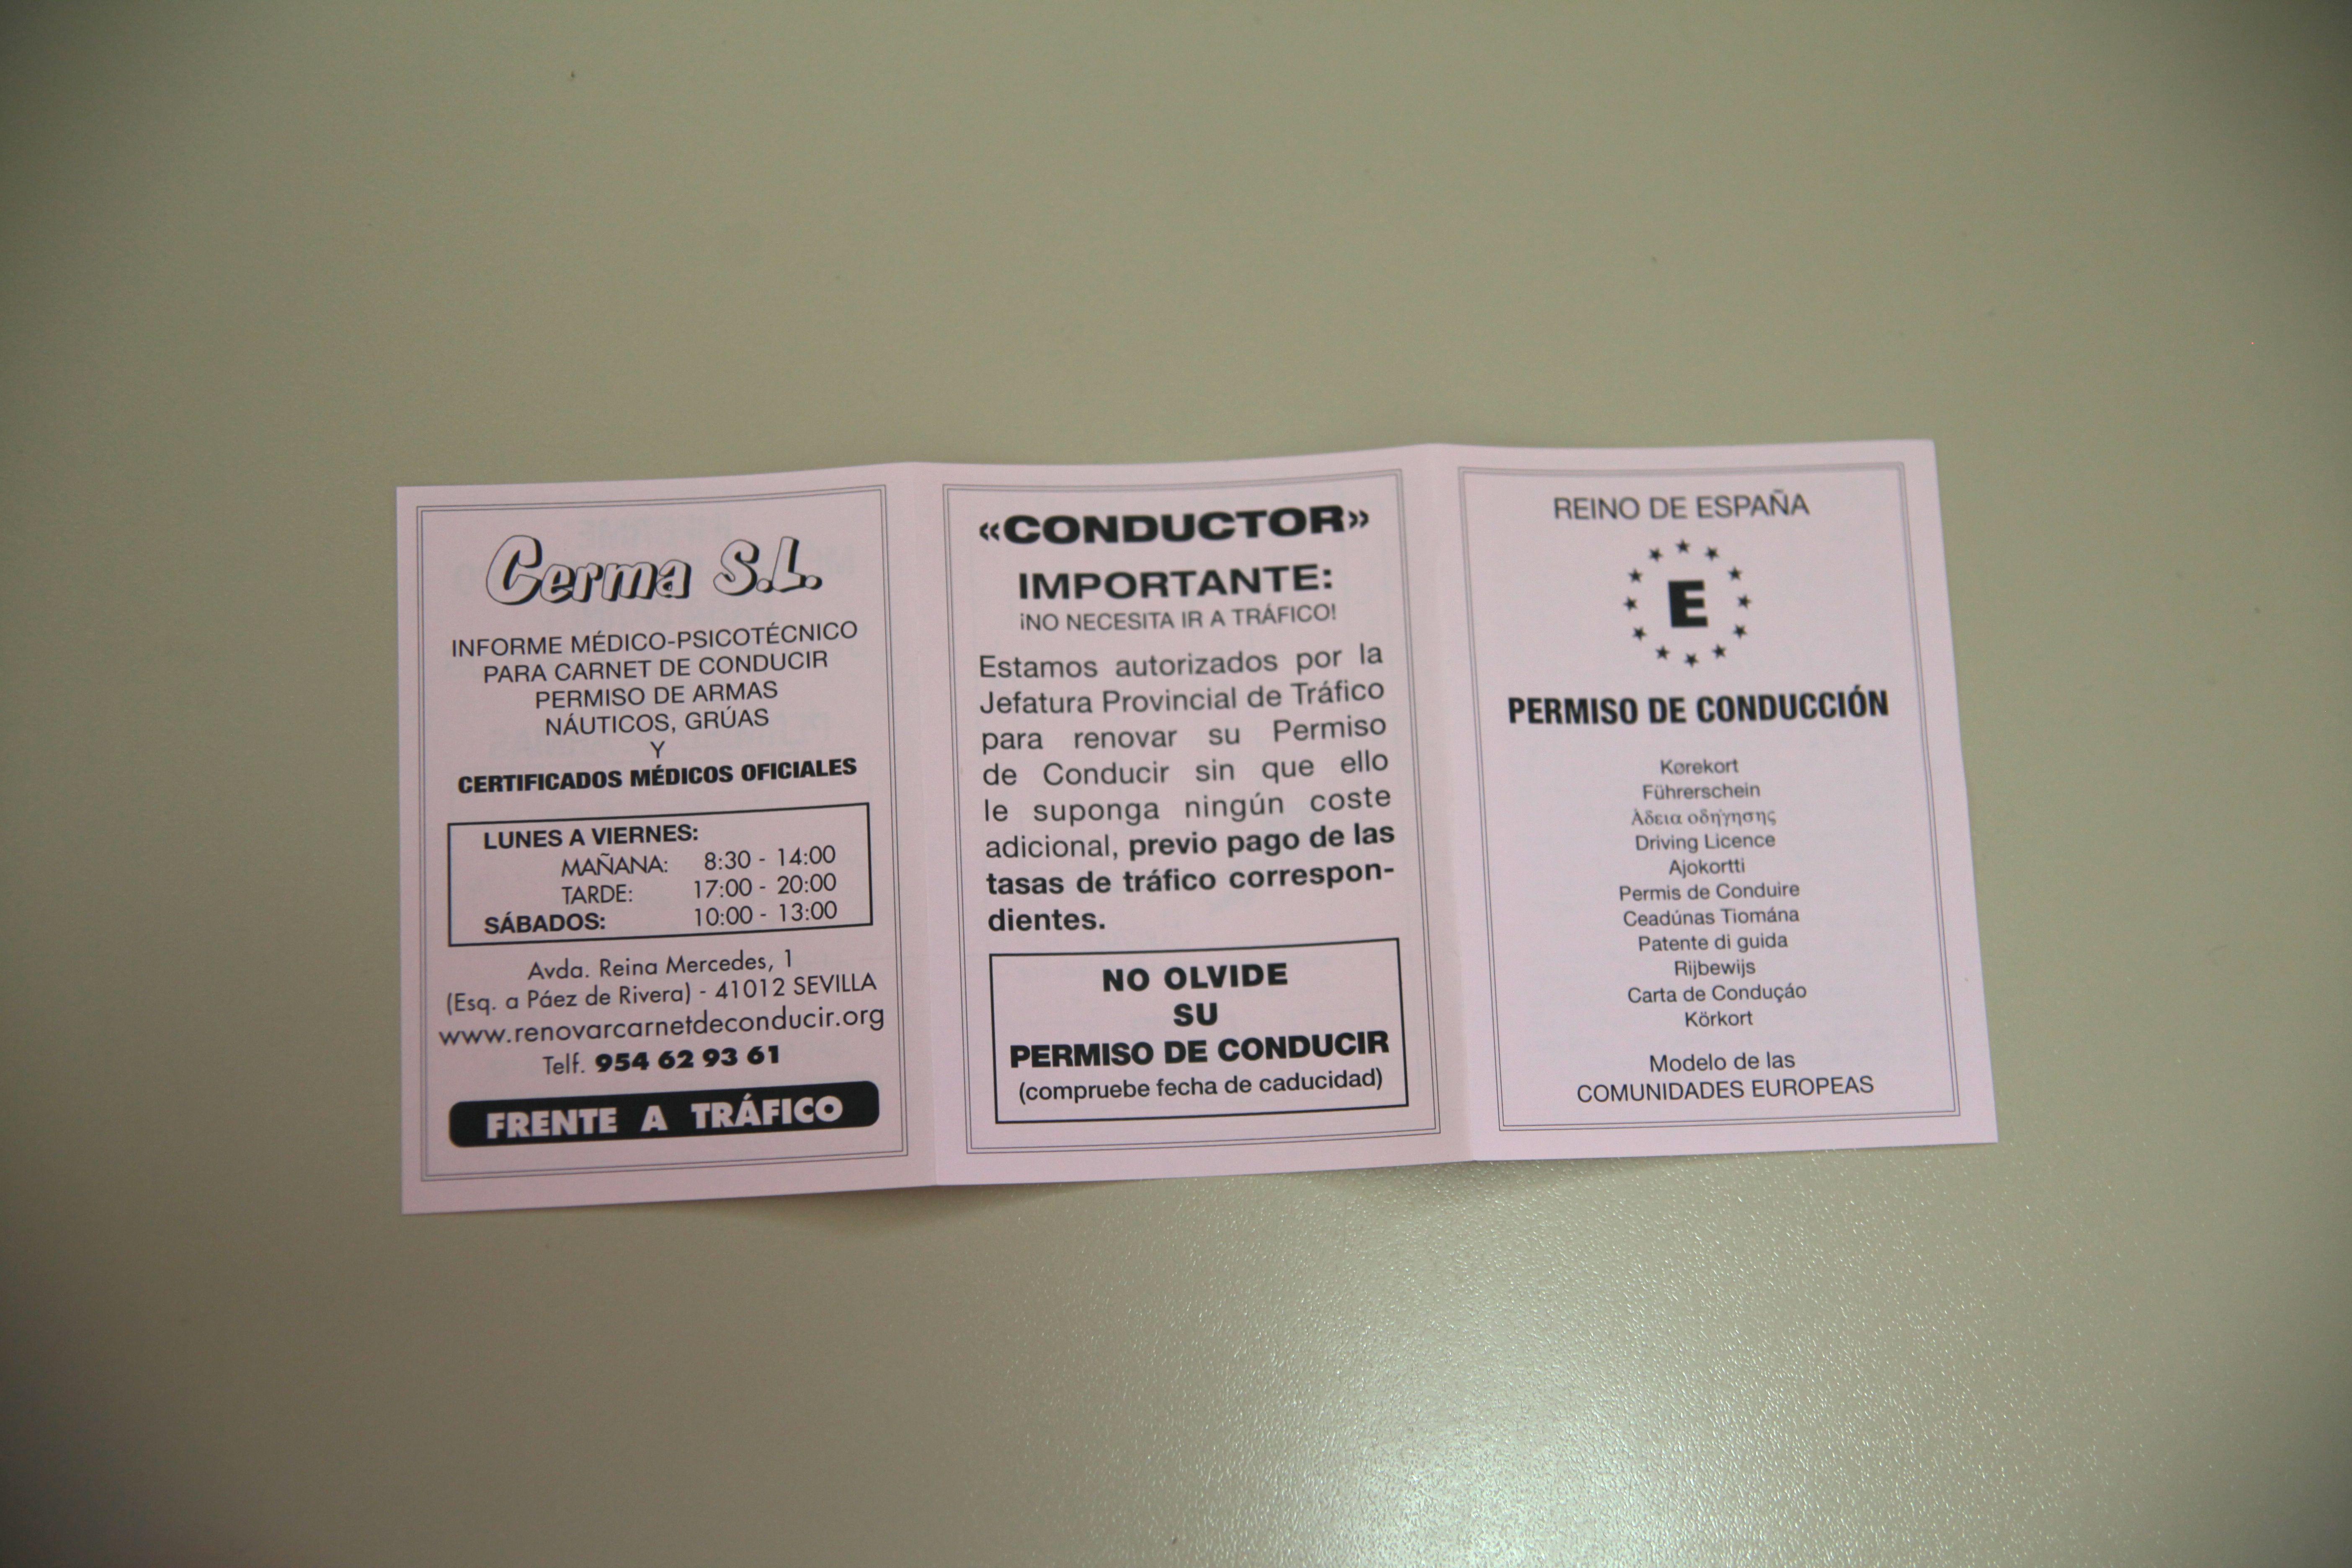 Foto 7 de Reconocimientos y certificados médicos en SEVILLA | CERMA S.L.